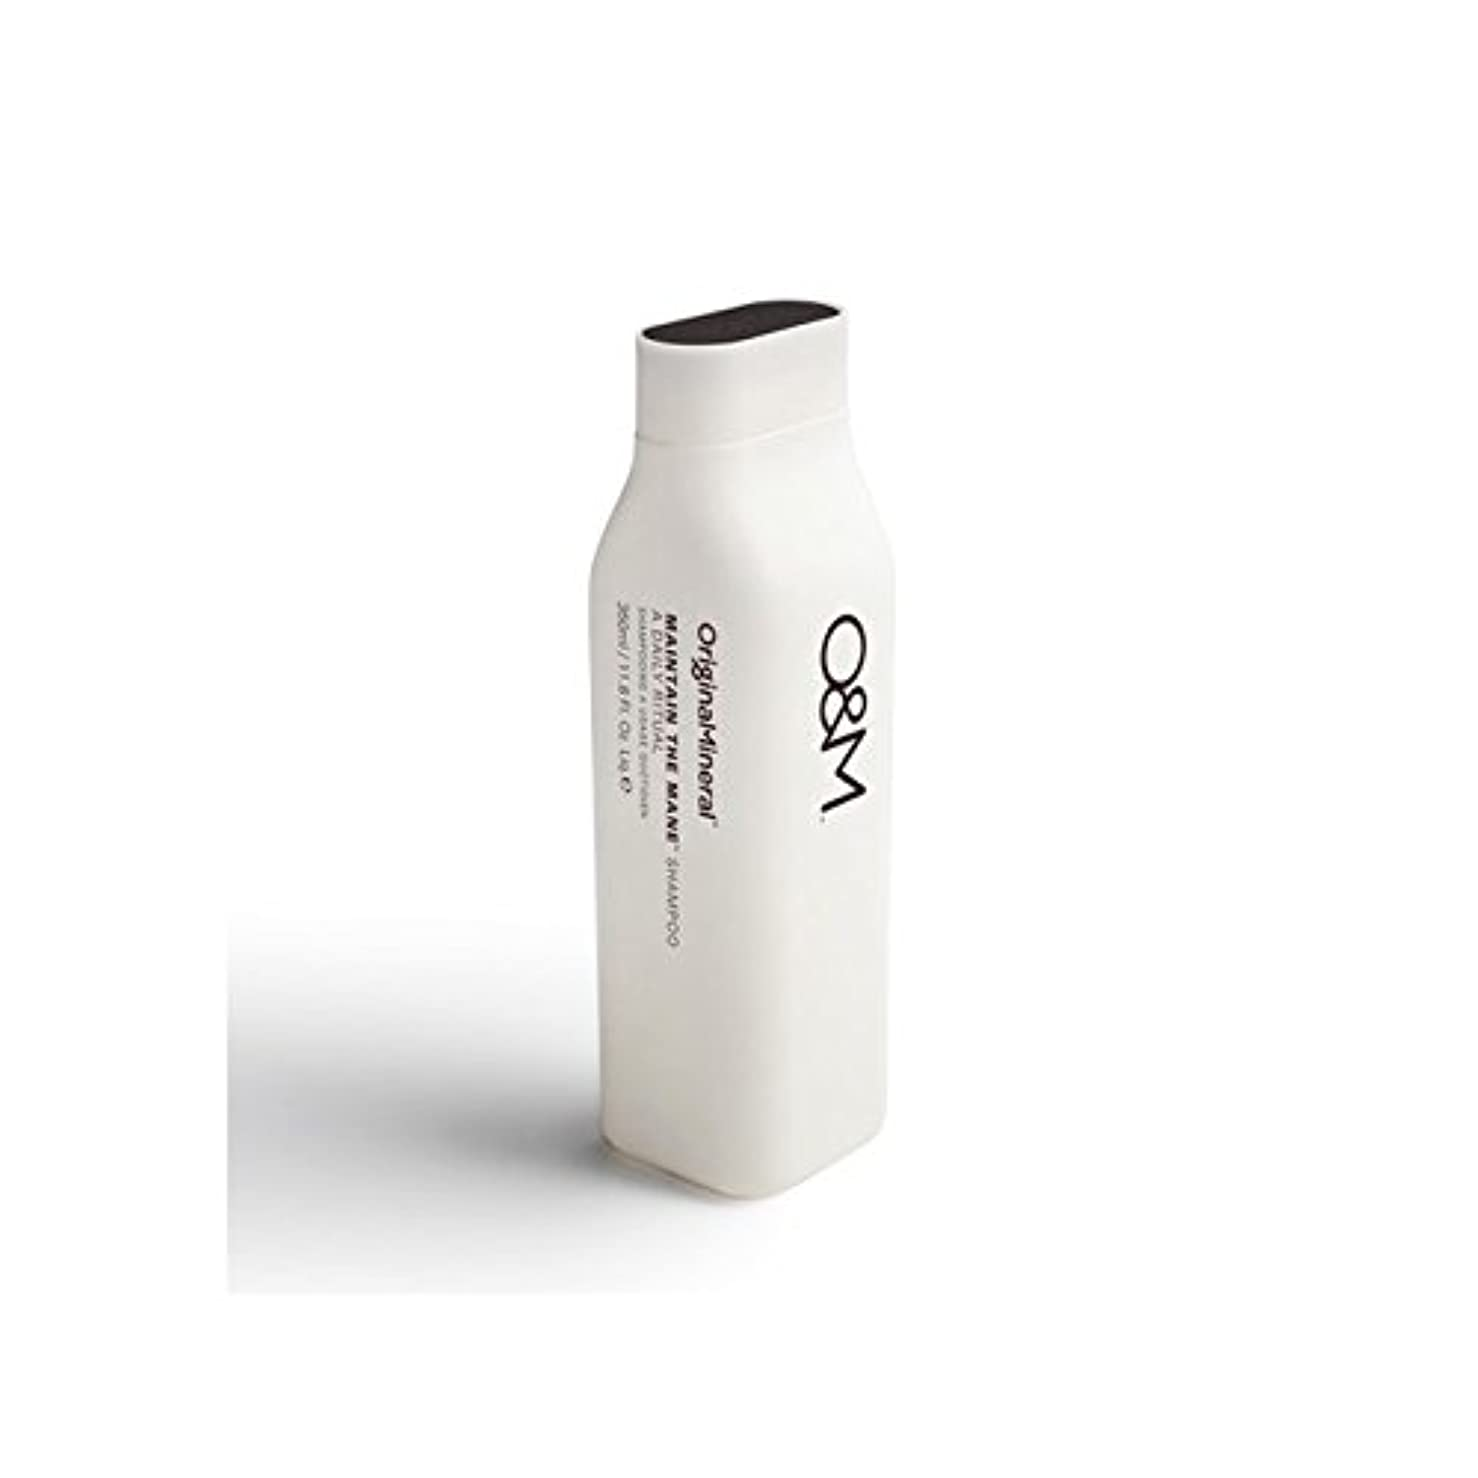 レパートリー是正する火炎オリジナル&ミネラルは、たてがみのシャンプー(350ミリリットル)を維持 x4 - Original & Mineral Maintain The Mane Shampoo (350ml) (Pack of 4) [並行輸入品]